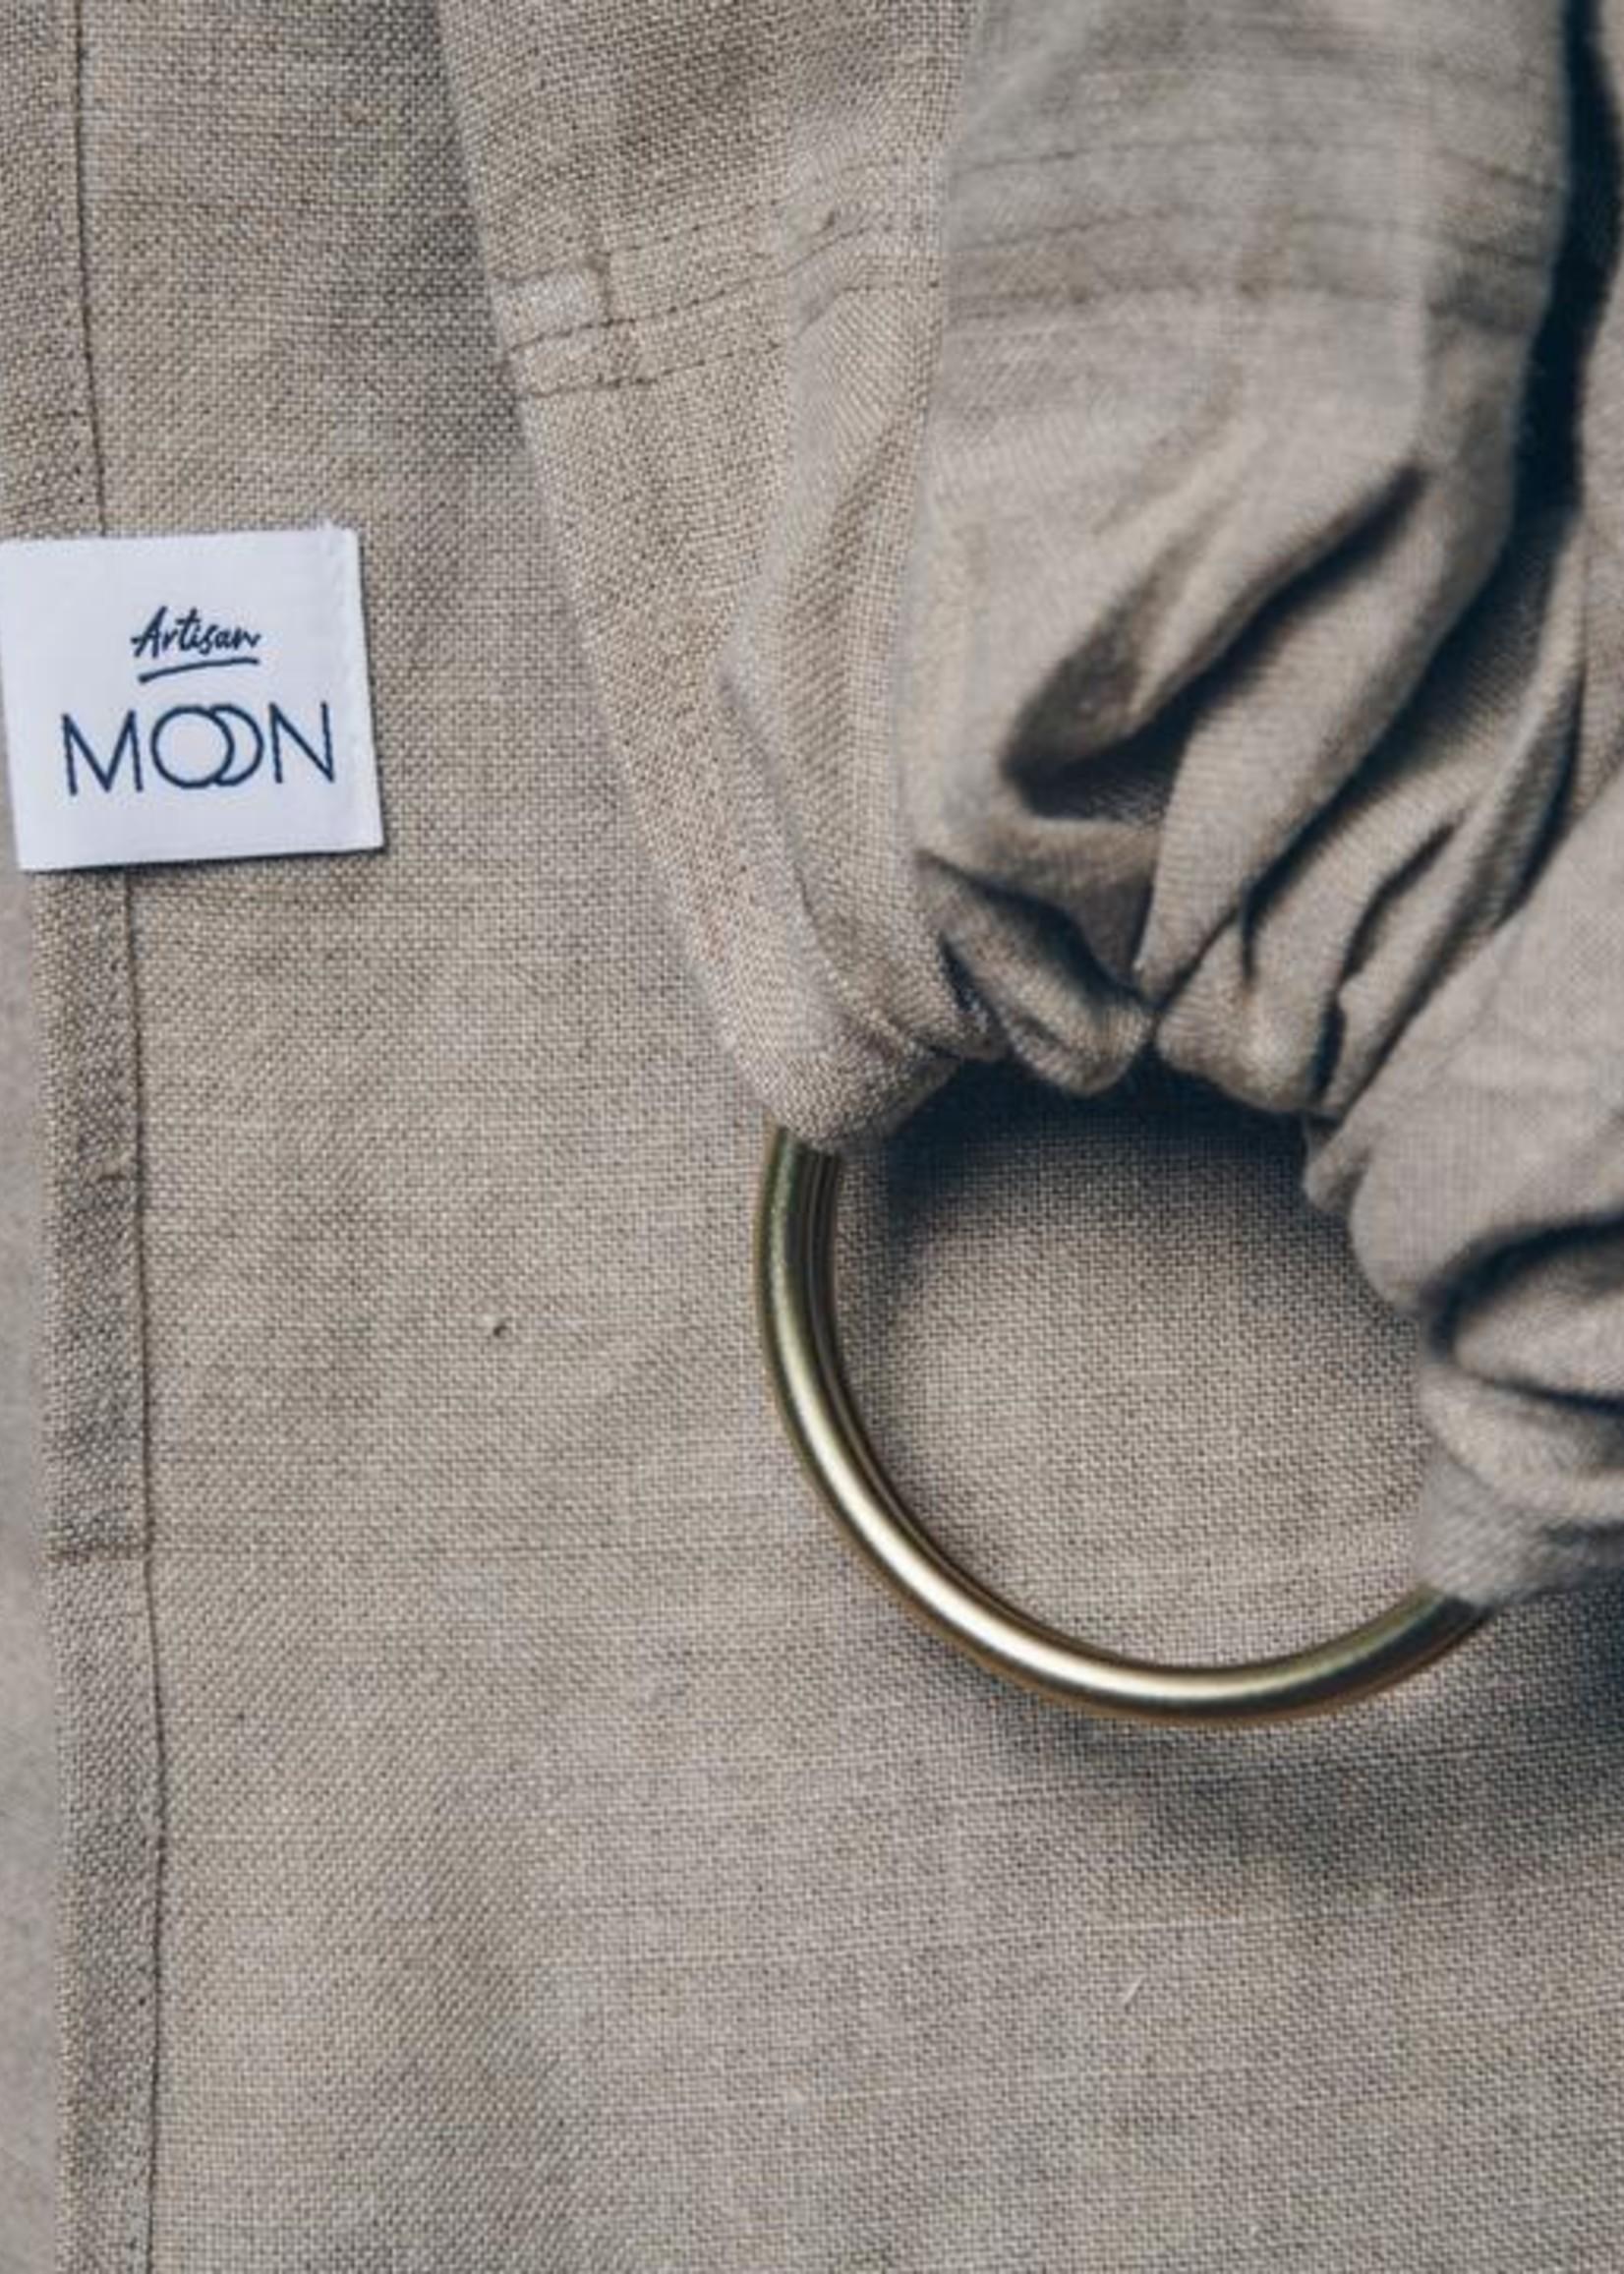 Moon Sling Artisan Clay Moon